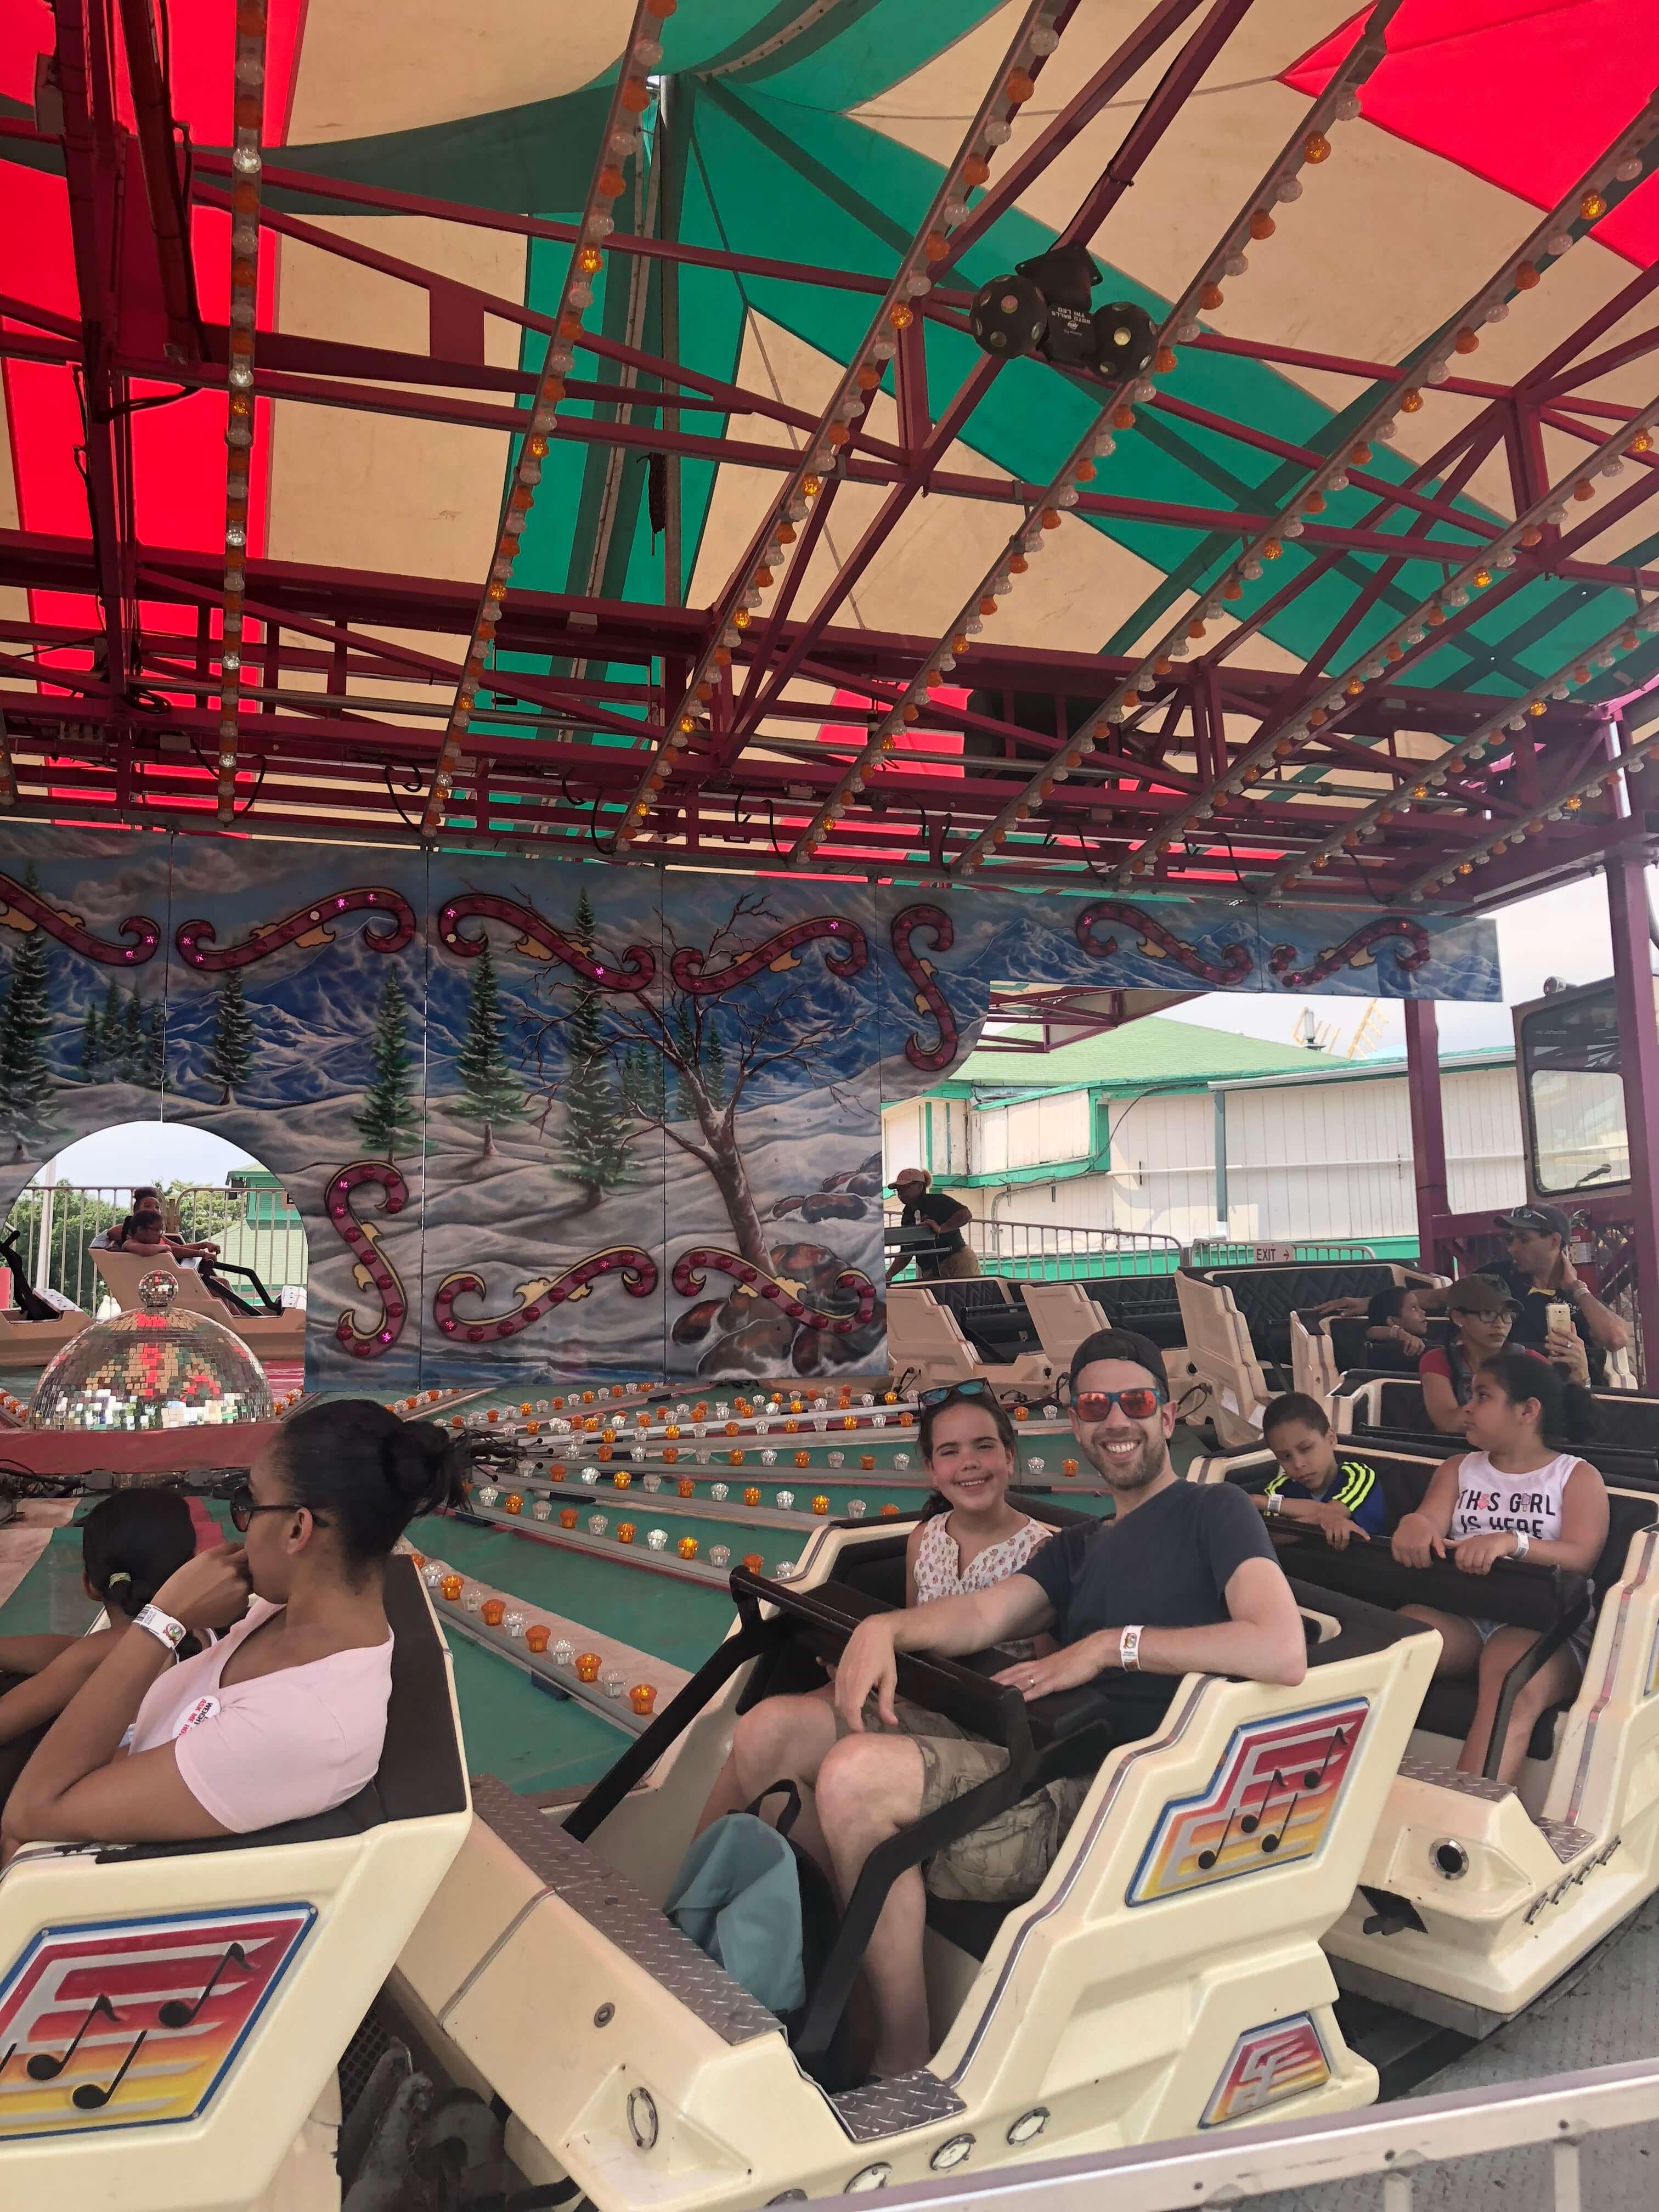 Summer Fun at Playland